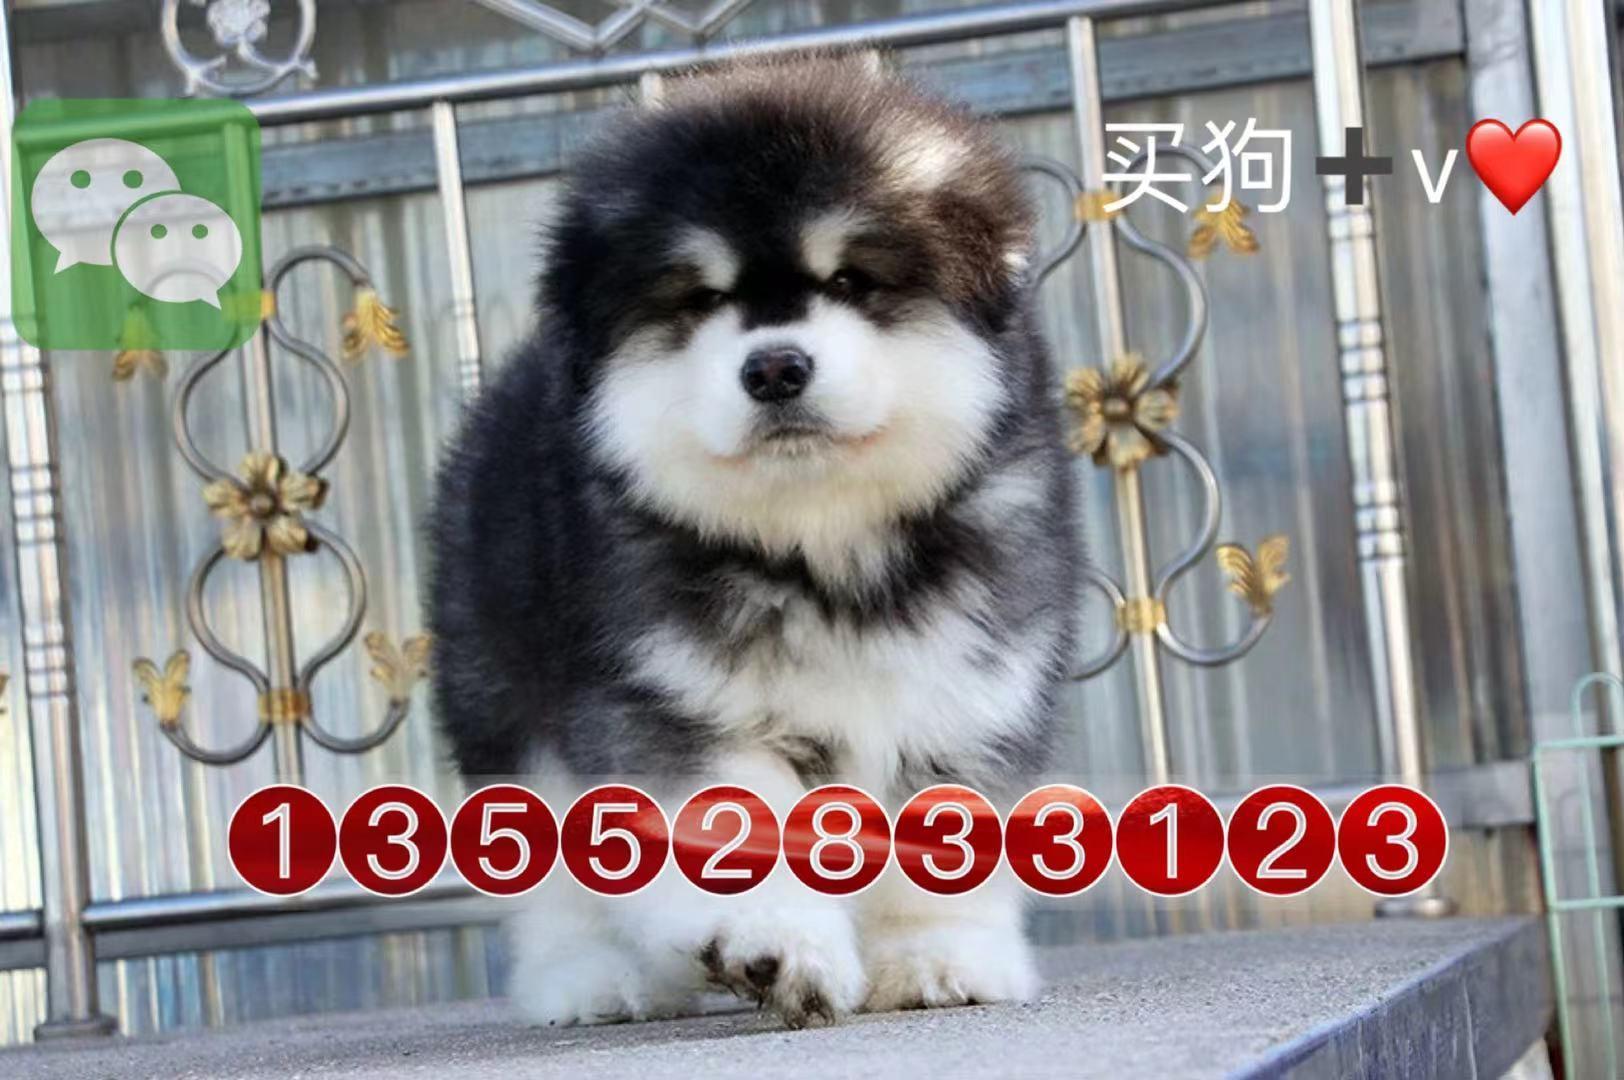 北京哪里卖巨型阿拉斯加犬纯种阿拉斯加犬雪橇犬10